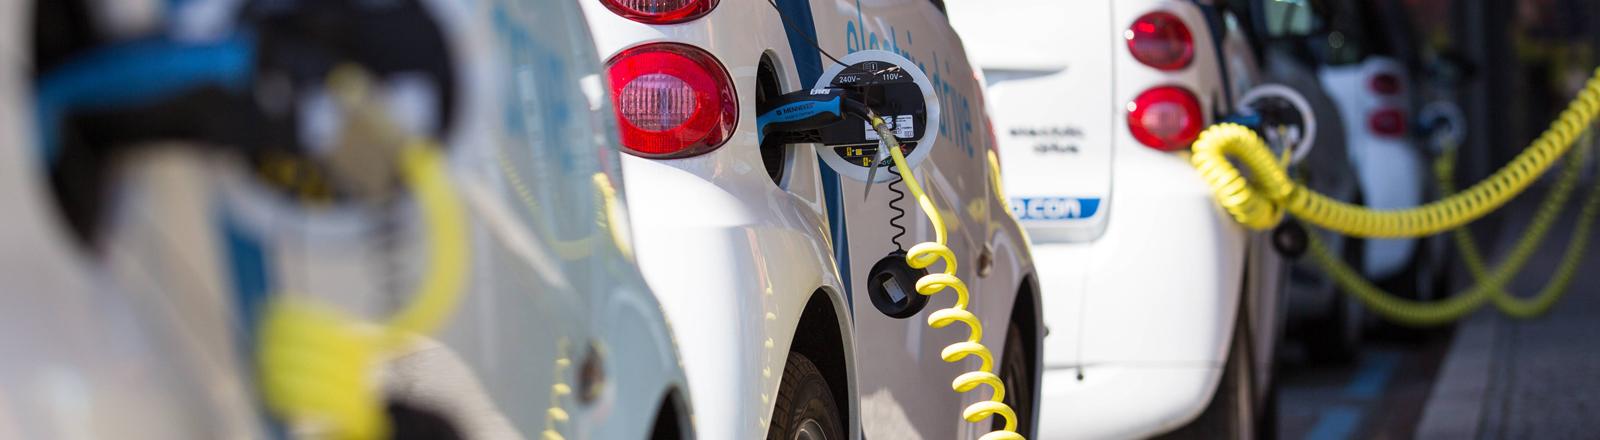 Elektroautos werden aufgetankt.